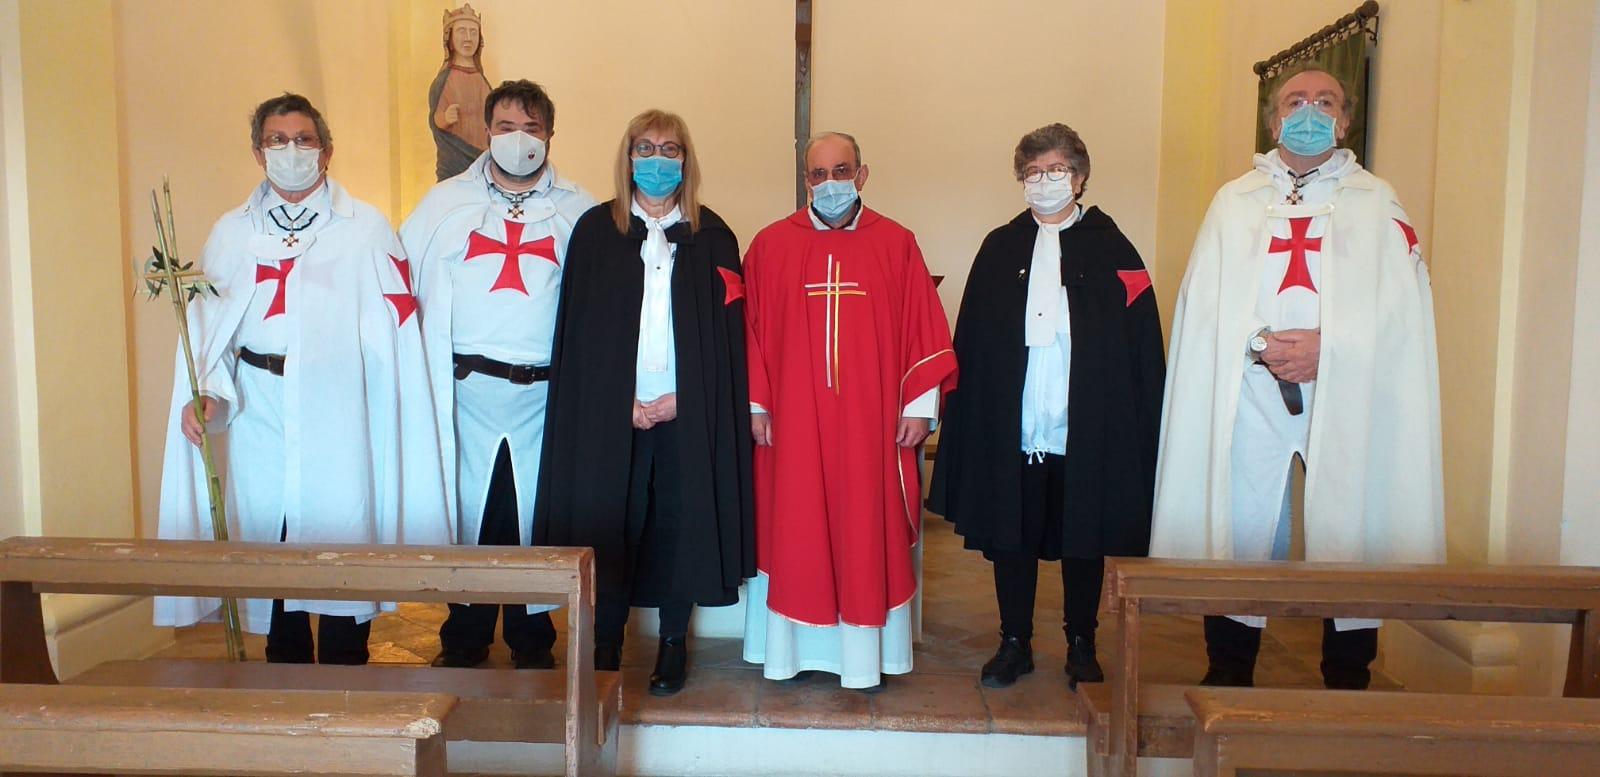 Turno di custodia e assistenza anticovid alla Chiesetta Templare di Santa Croce di Culiano (PG) 03.05.2021